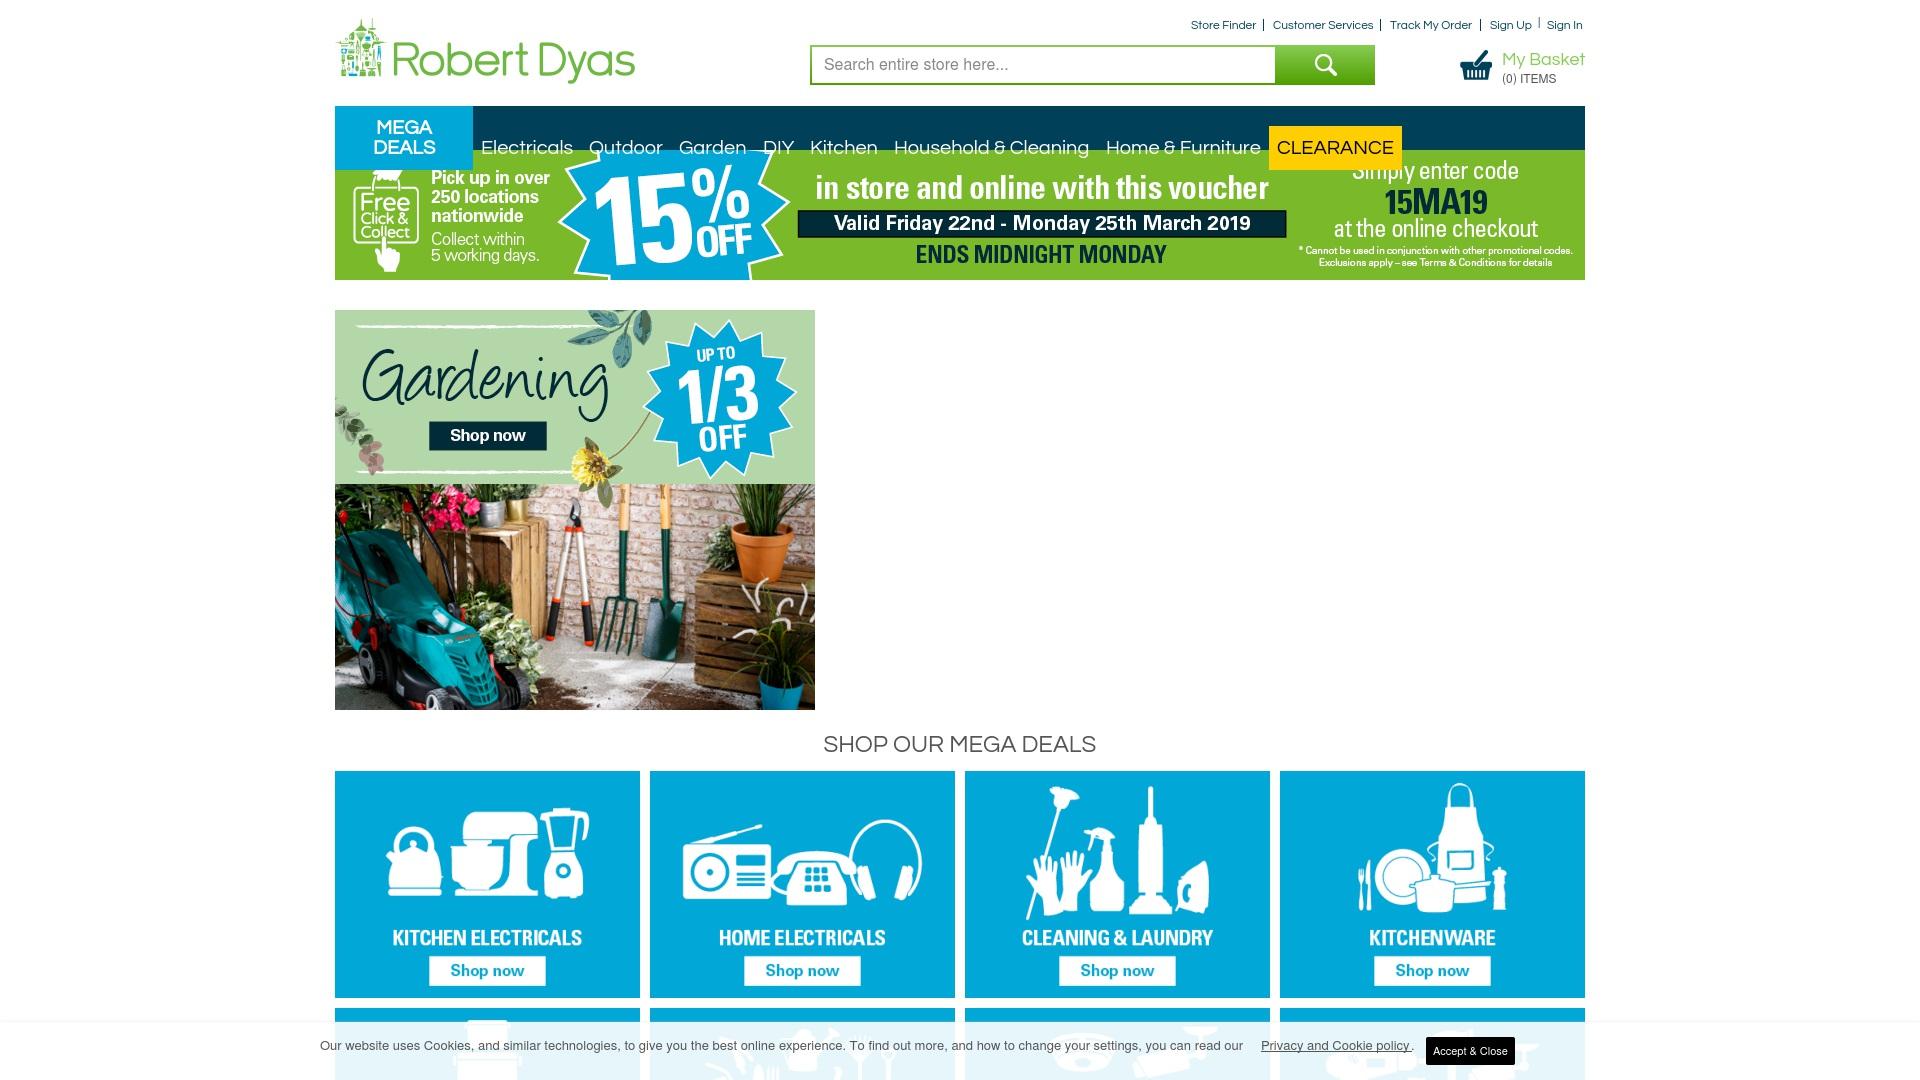 Gutschein für Robertdyas: Rabatte für  Robertdyas sichern